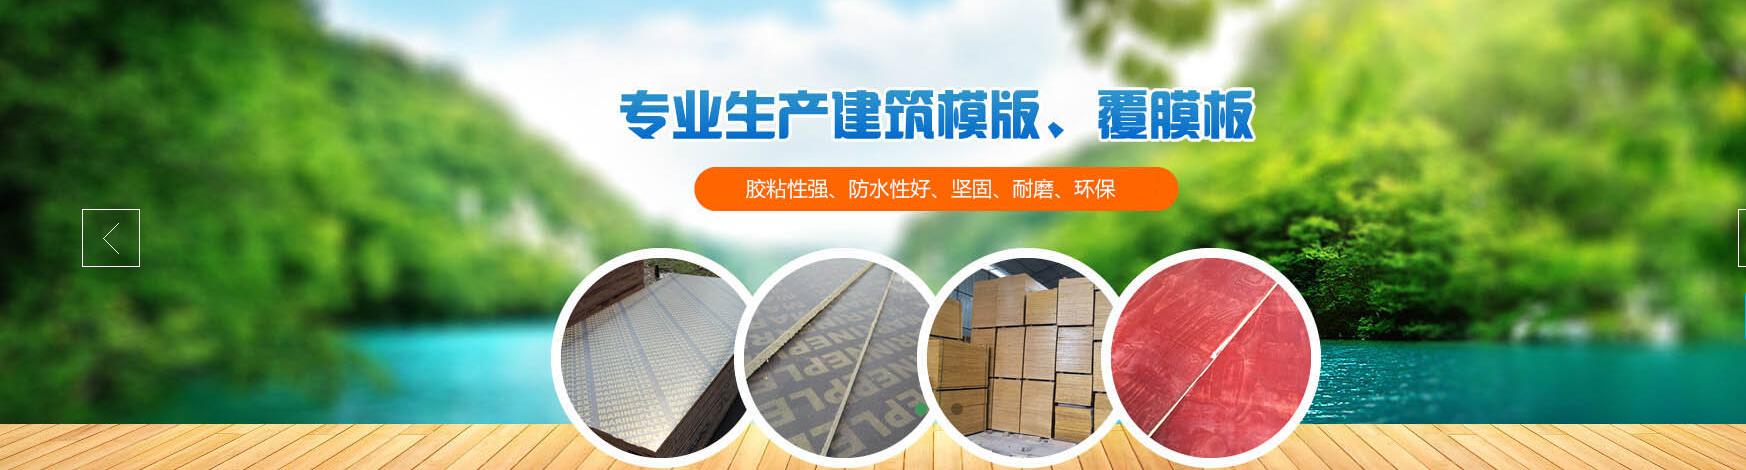 贵港市覃塘区嘉龙木业有限公司